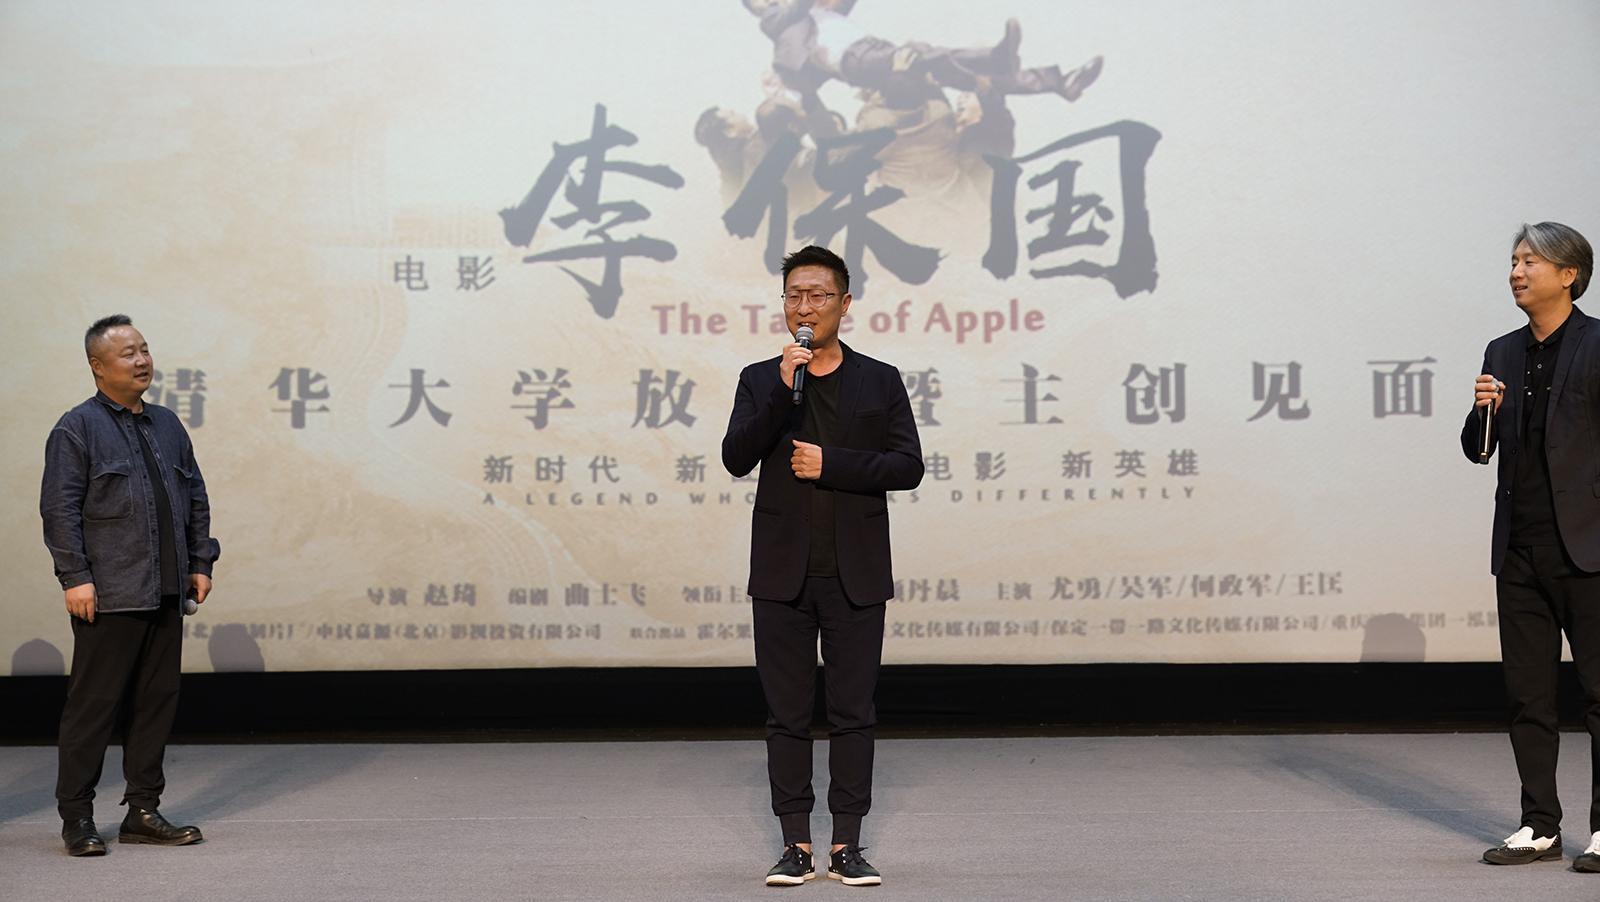 电影《李保国》走进清华大学 移动电影院助力保国精神传遍全国